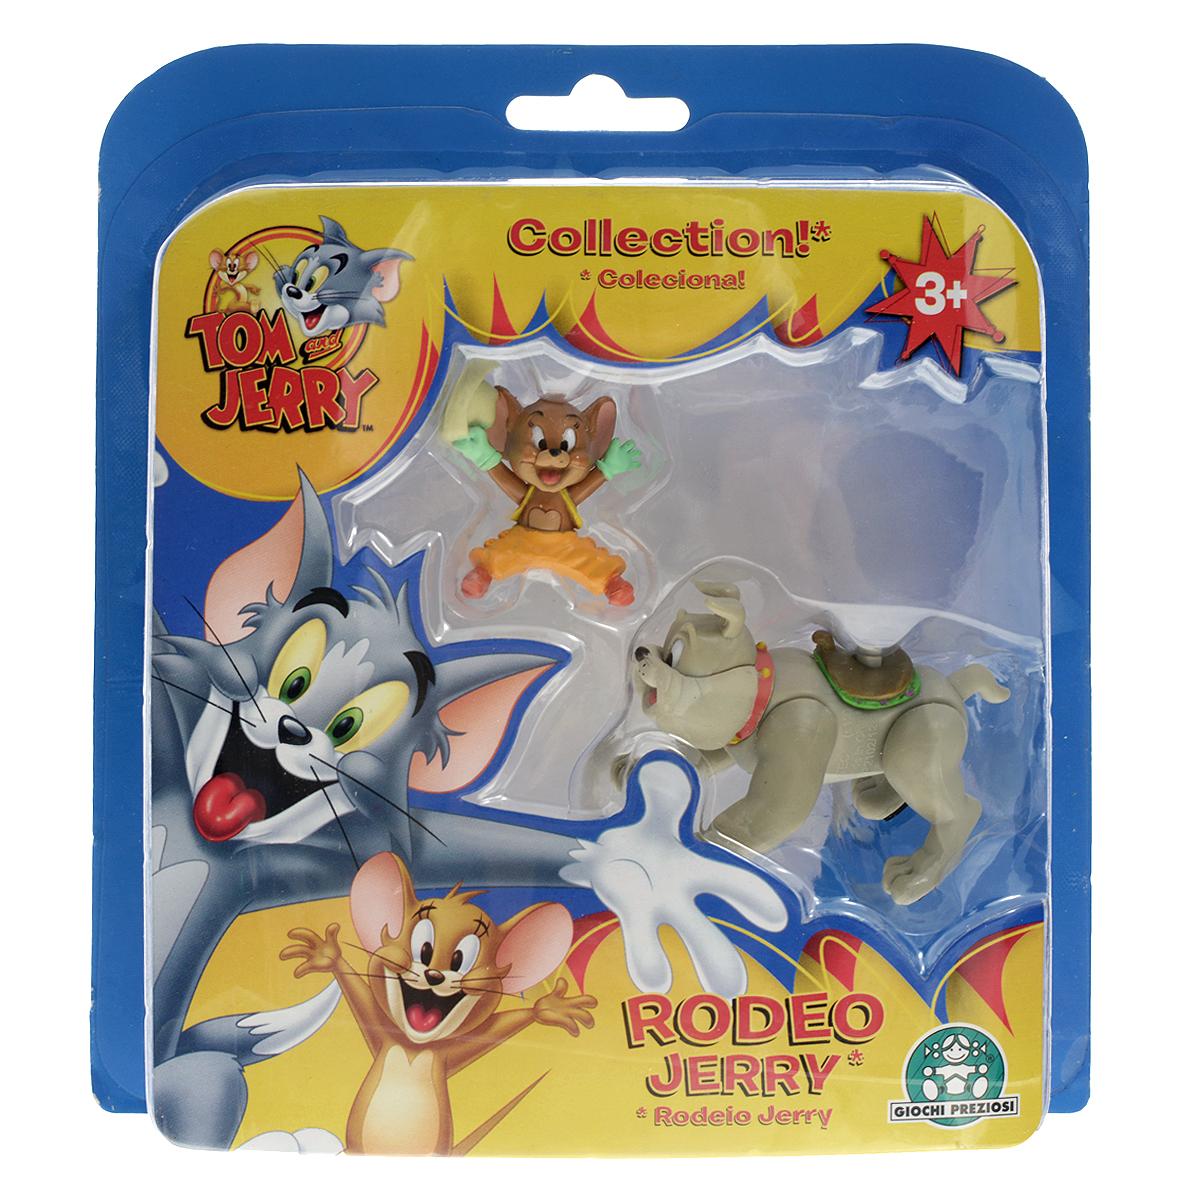 Набор фигурок Tom and Jerry Rodeo Jerry, 2 штGPH15054_Rodeo JerryНабор Tom and Jerry Rodeo Jerry включает две пластиковые фигурки в виде мышки Джерри и бульдога Спайка - персонажей популярного мультсериала Том и Джерри (Tom and Jerry). Джерри можно посадить верхом на Спайка. Лапы и хвост бульдога подвижны. Благодаря маленькому размеру фигурок ребенок сможет взять их с собой на прогулку или в гости. Замечательный подарок поклоннику знаменитого мультсериала!